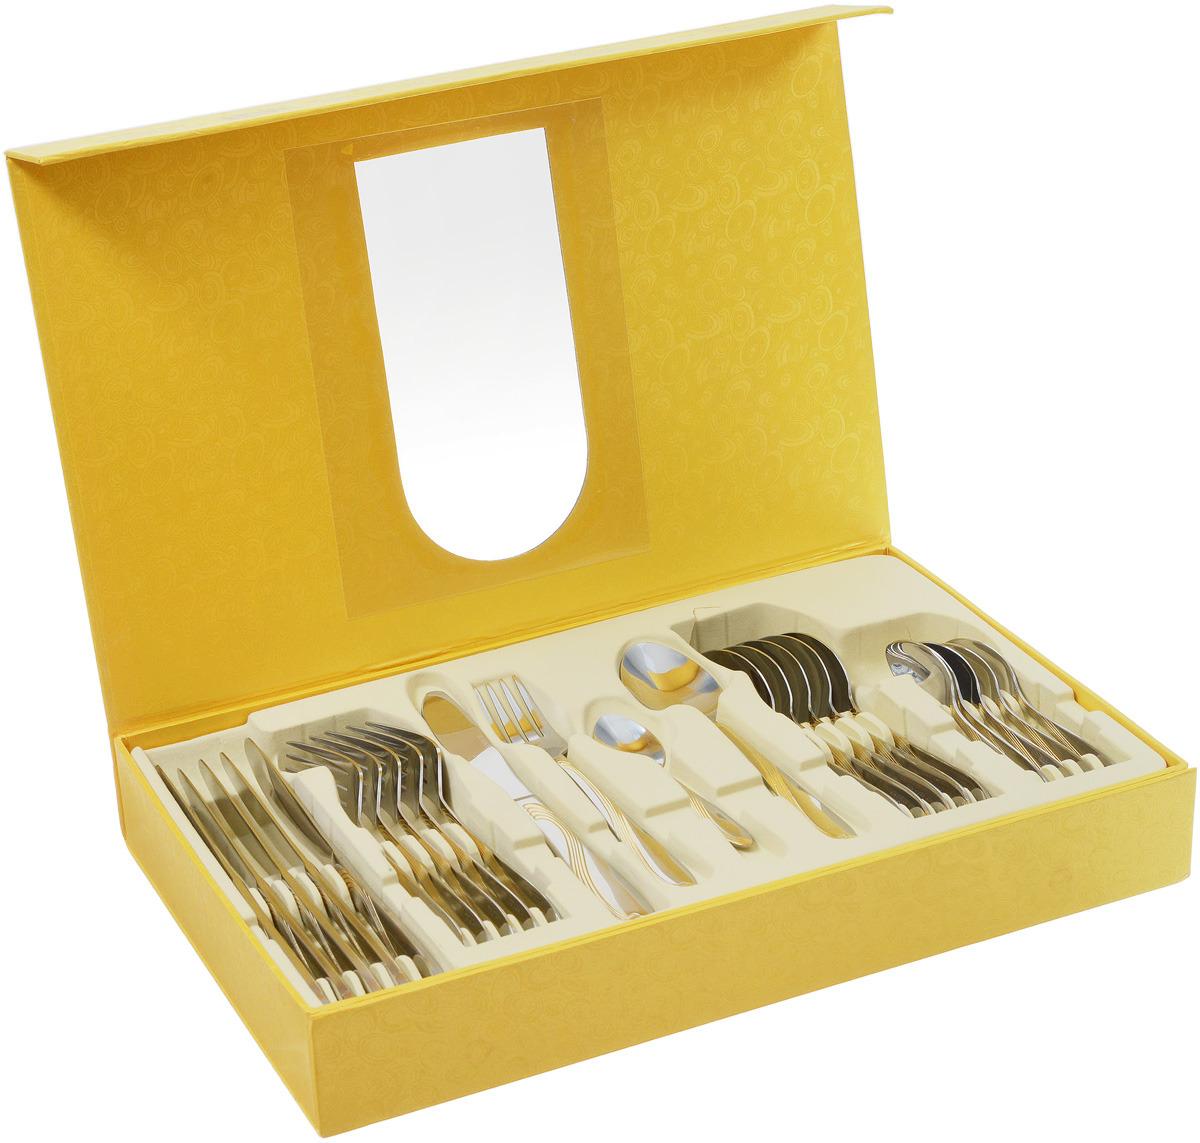 Набор столовых приборов Bohmann, 24 предмета. 2458BH набор столовых приборов carl schmidt sohn baguette 24 предмета